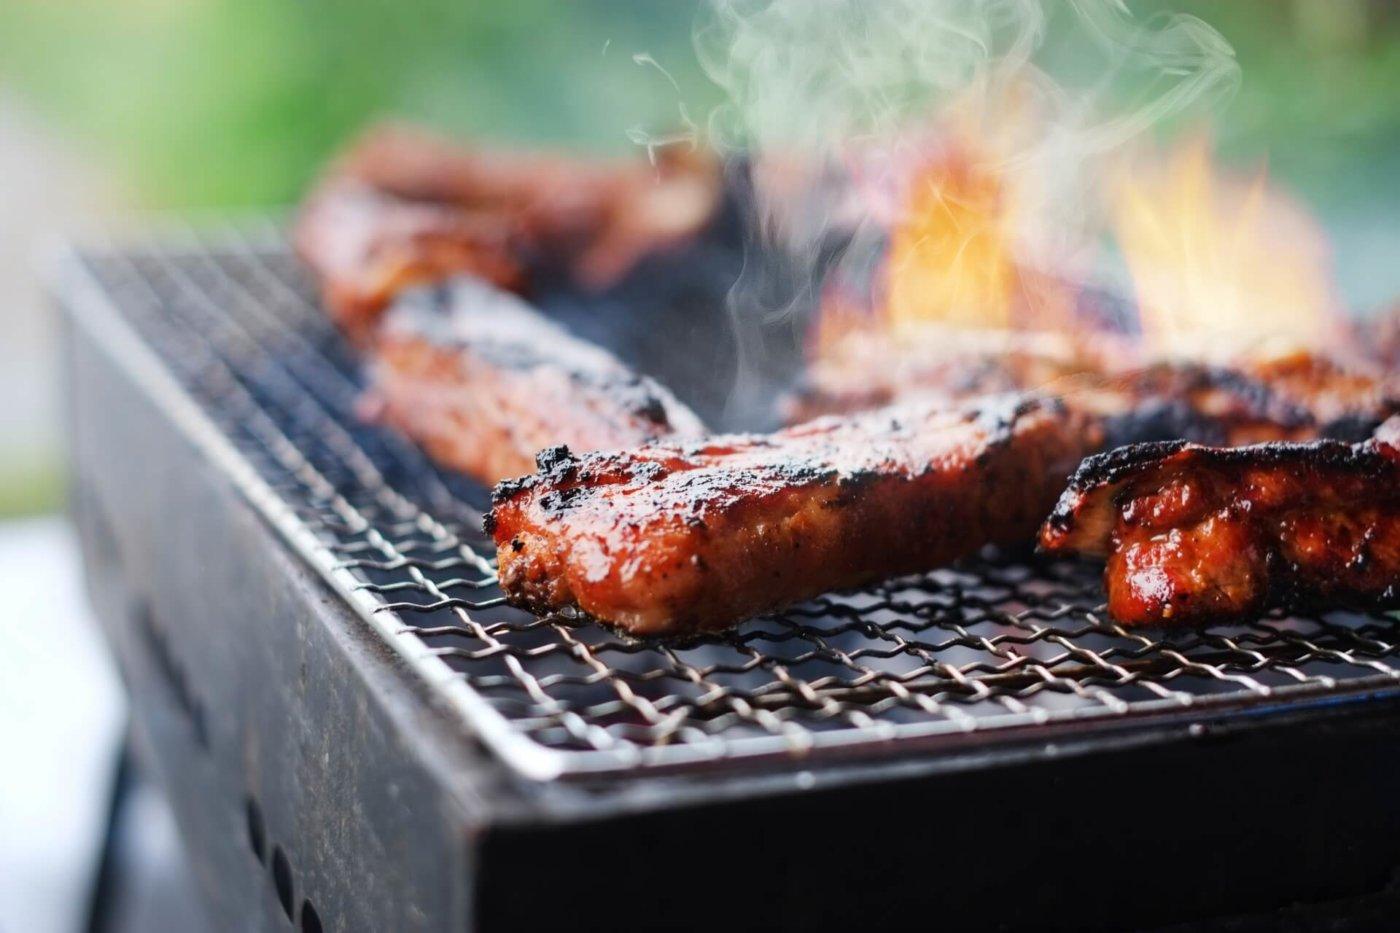 ワイルドで豪快。バーベキューでブロック肉を焼くときのコツ